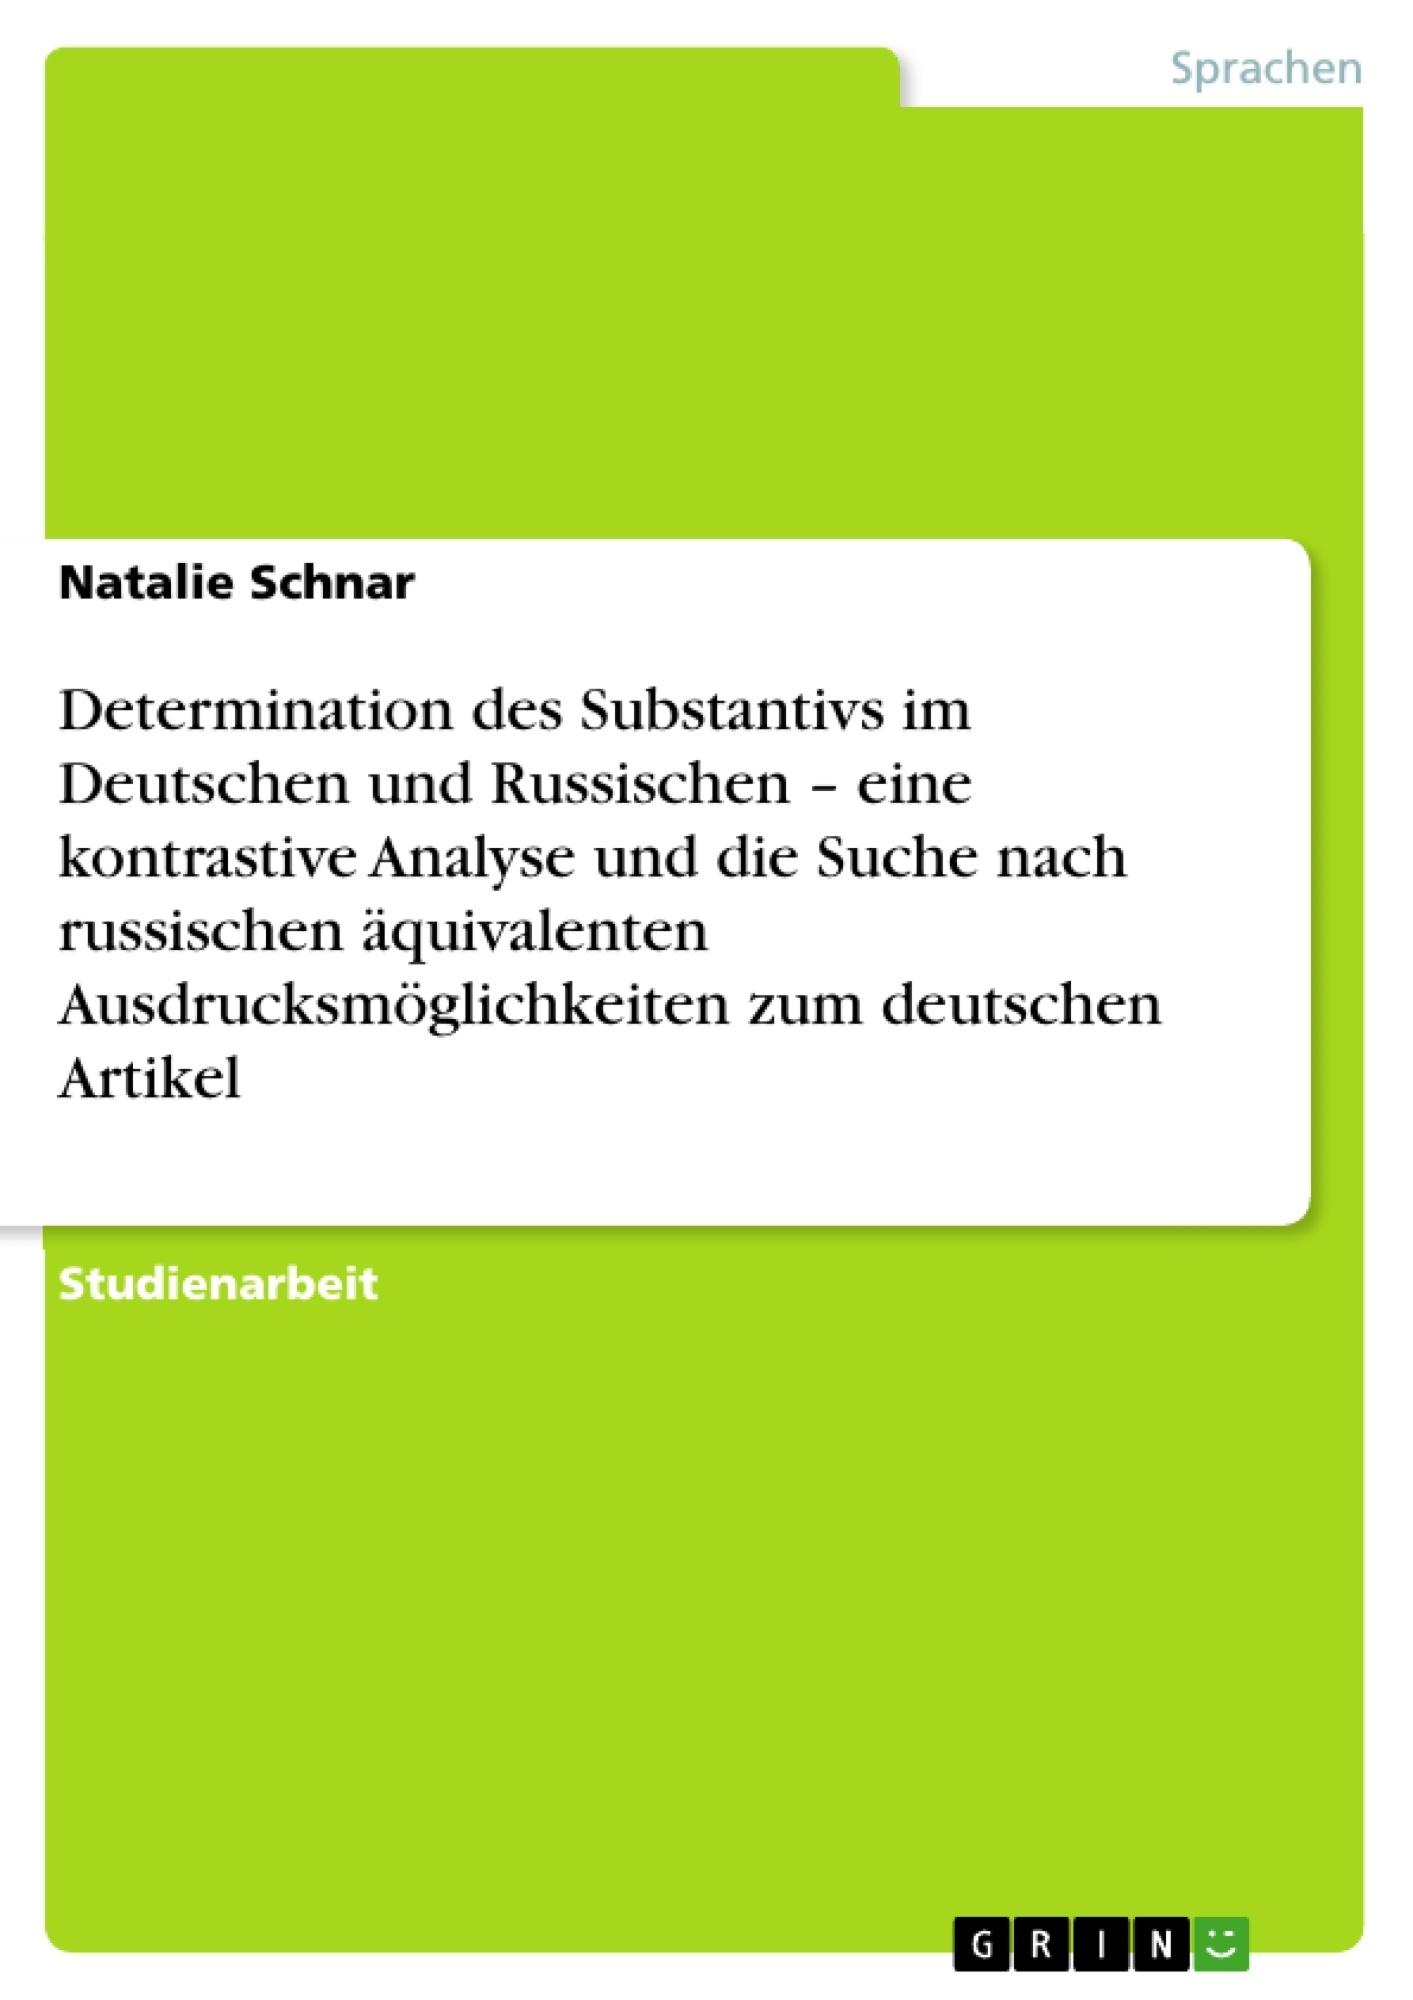 Titel: Determination des Substantivs im Deutschen und Russischen – eine kontrastive Analyse und die Suche nach russischen äquivalenten Ausdrucksmöglichkeiten zum deutschen Artikel